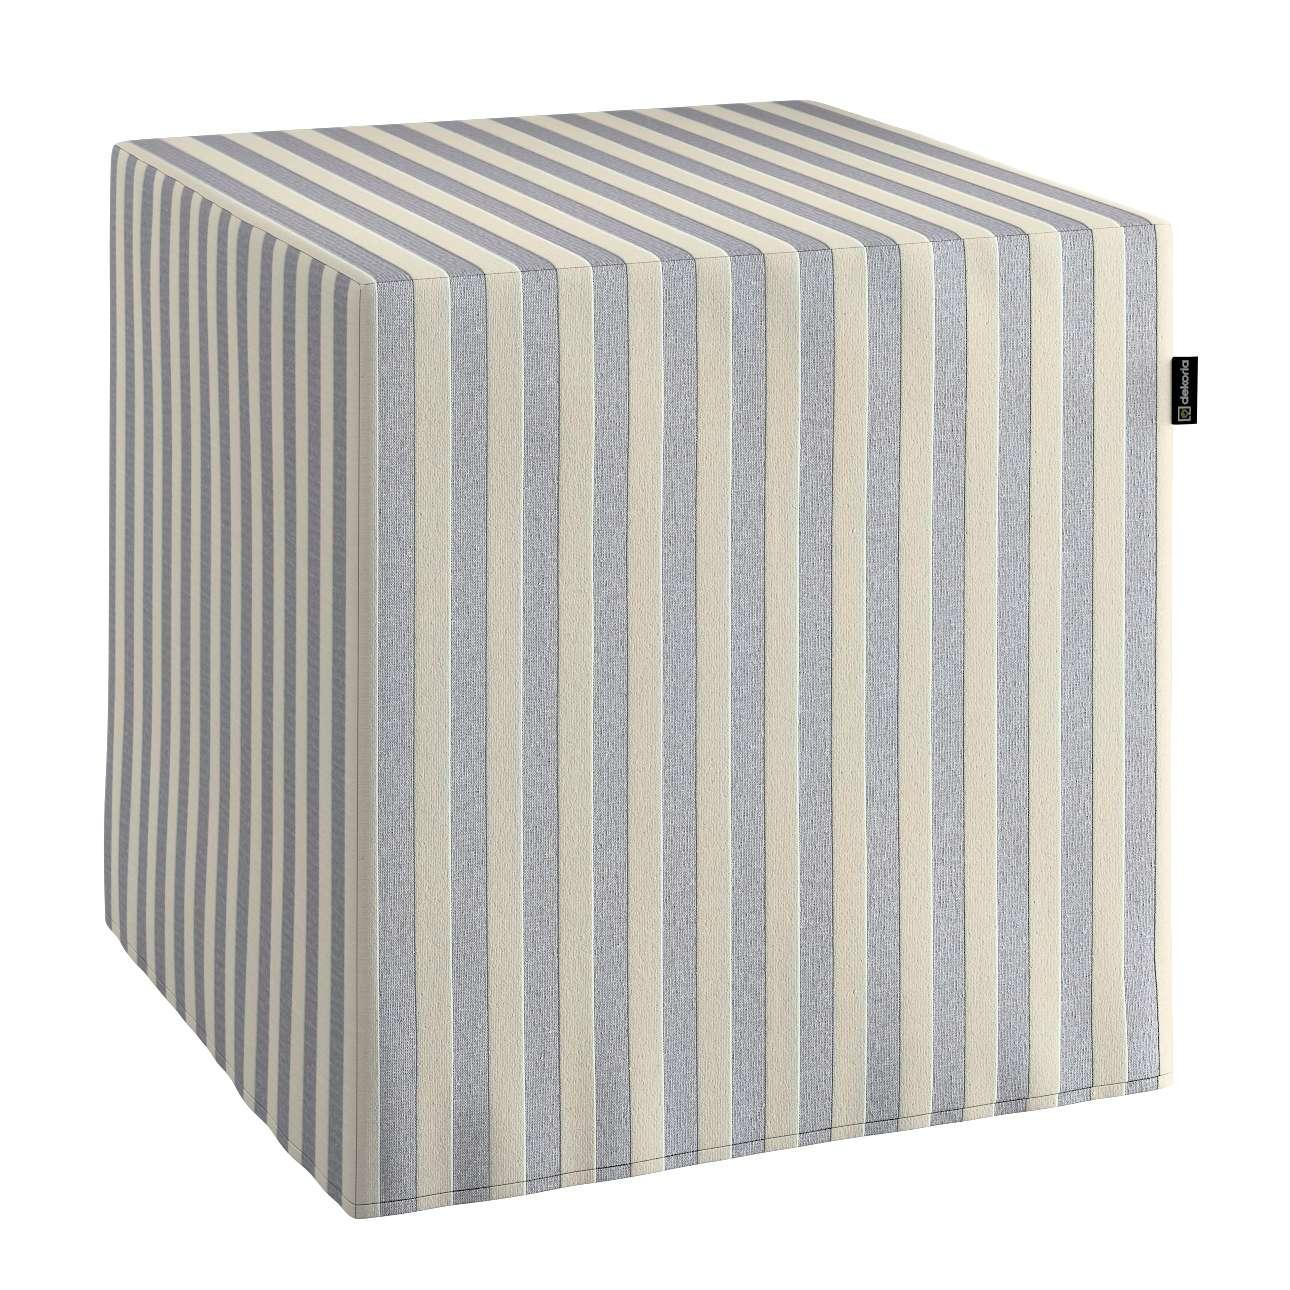 Pokrowiec na pufę kostke kostka 40x40x40 cm w kolekcji Quadro, tkanina: 136-02